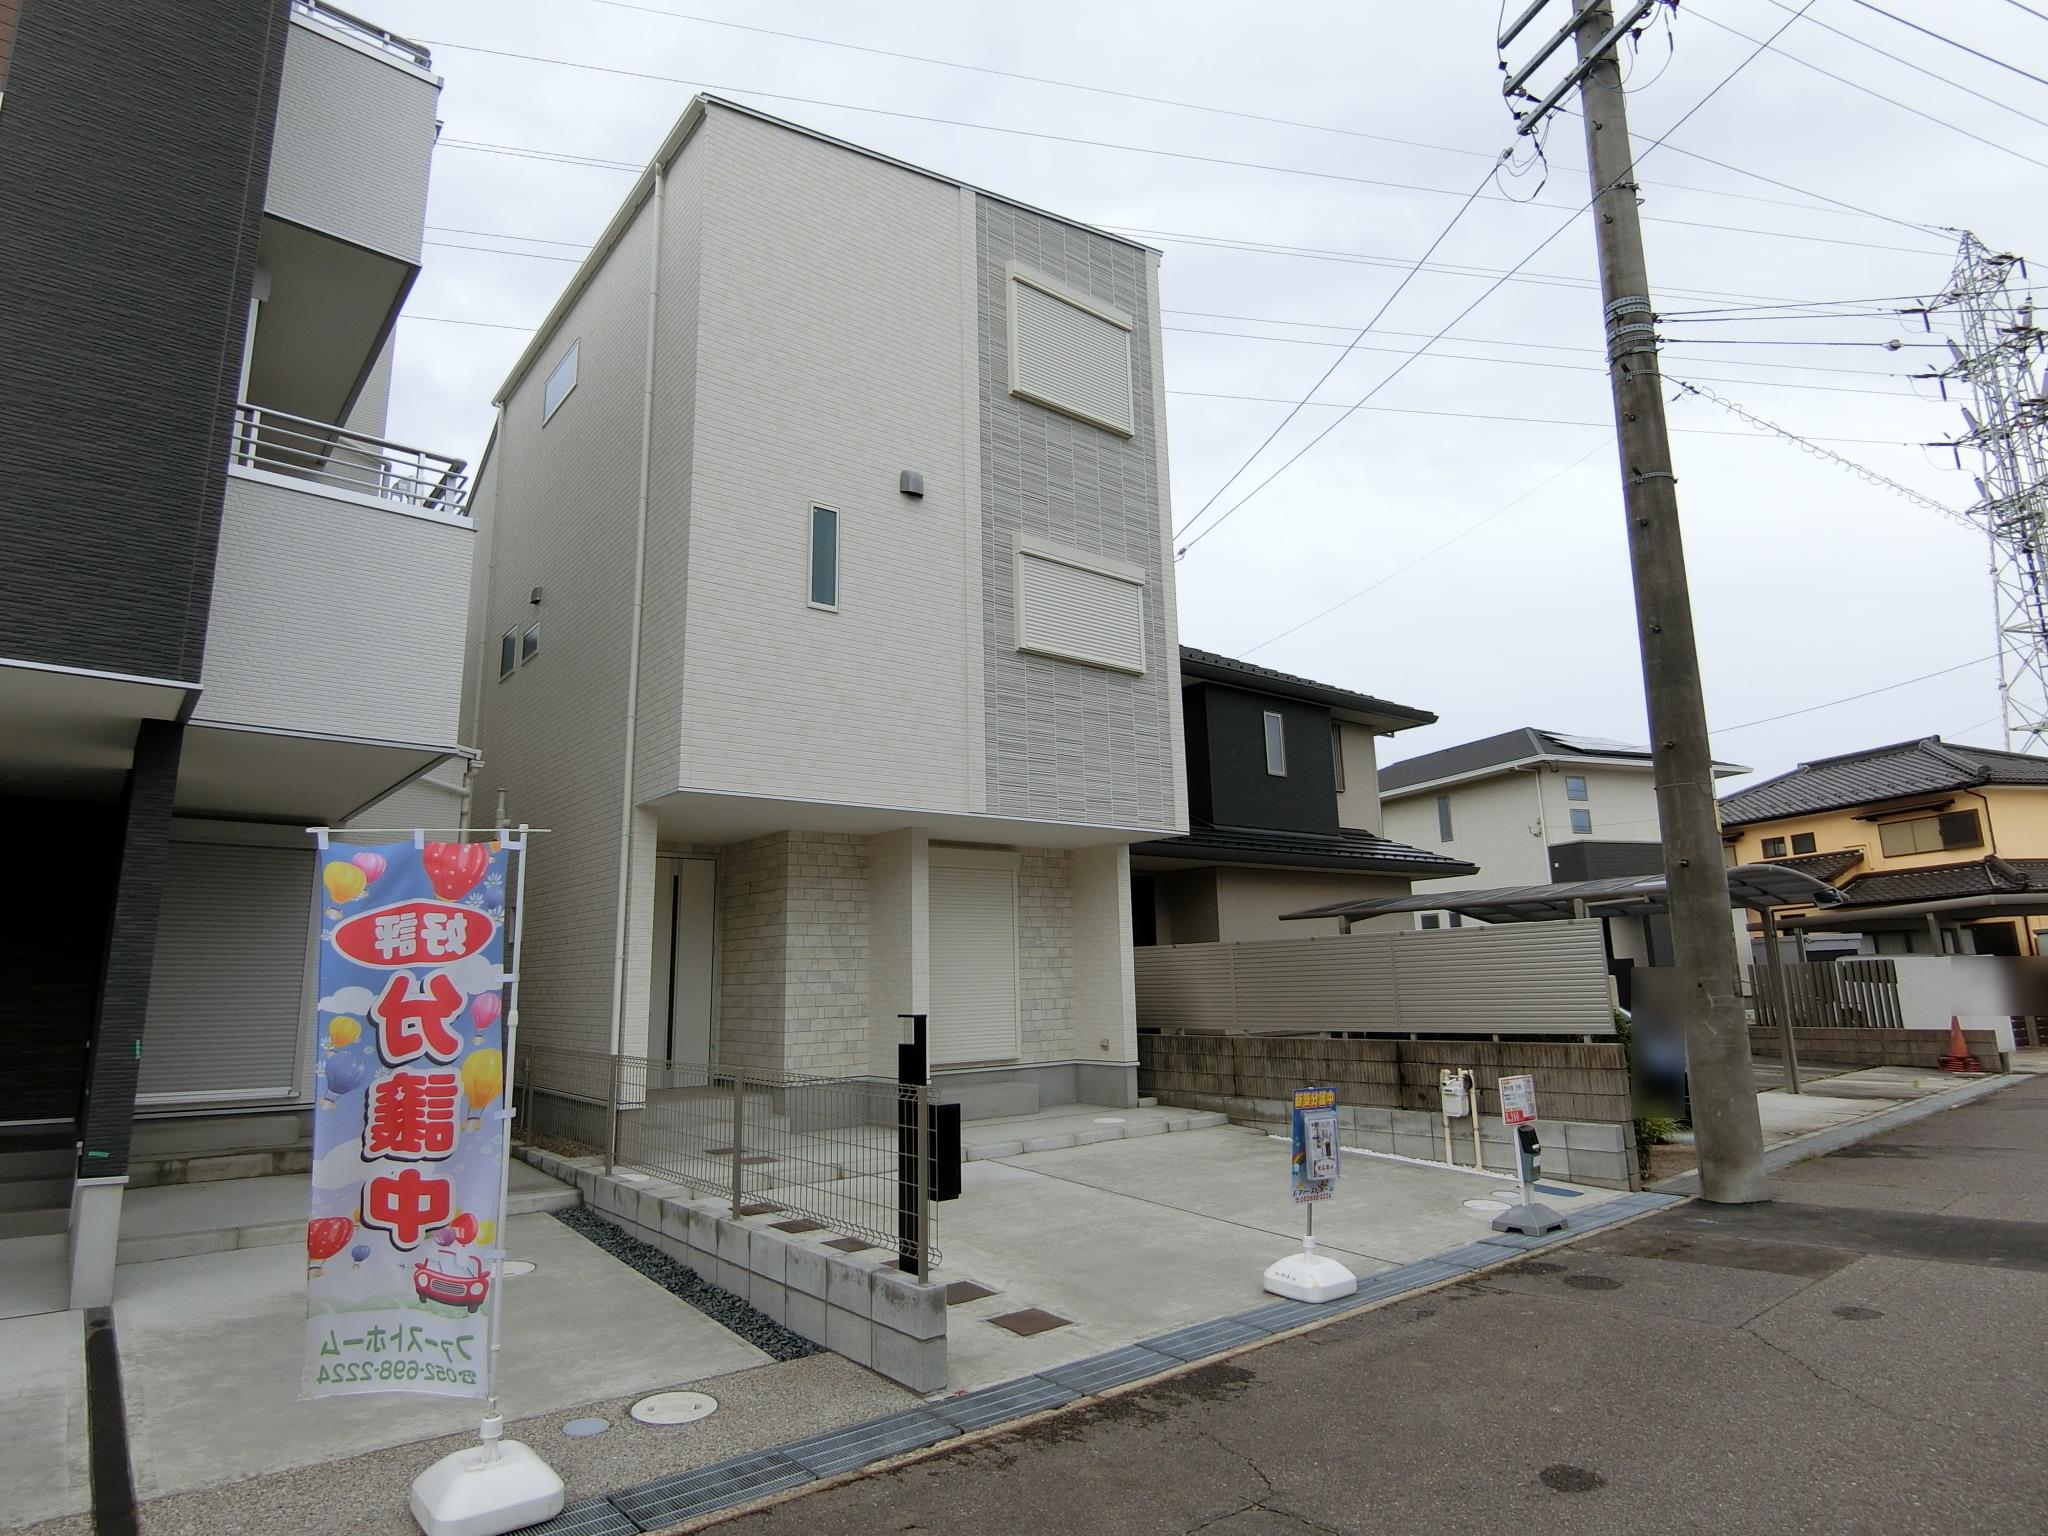 【北区のランド】勝川駅・惣中の家 2号棟